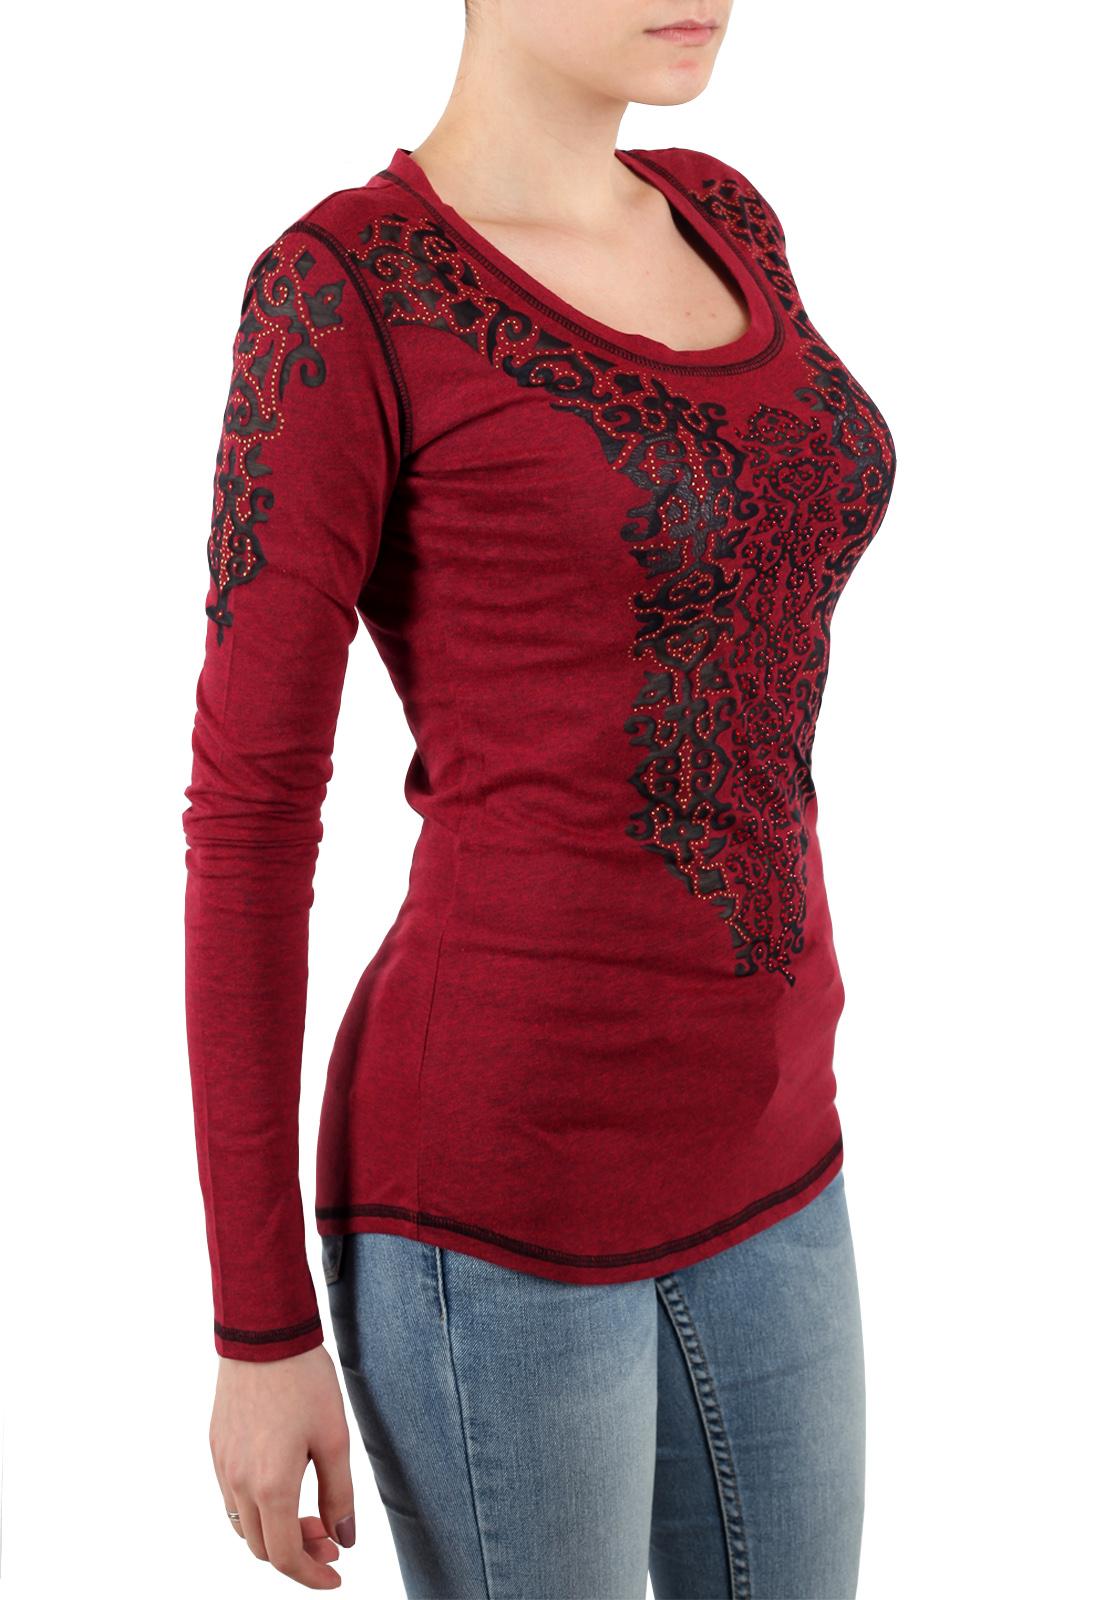 Эксклюзивная женская кофточка Panhandle с аппликацией из пайеток. Модный бордовый цвет и фасон для любого типа фигуры